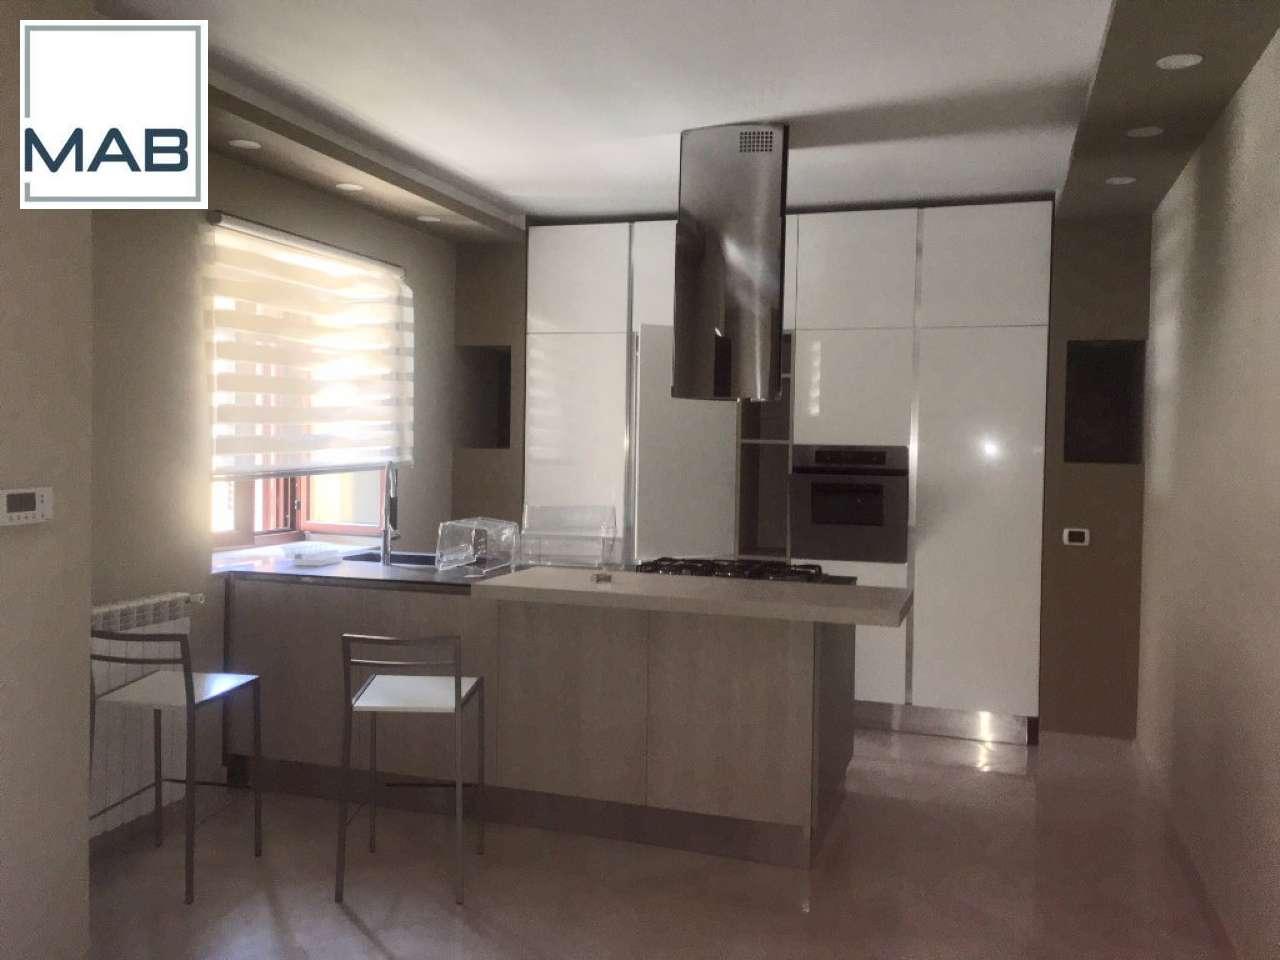 Appartamento in affitto a Mariglianella, 4 locali, prezzo € 650   CambioCasa.it